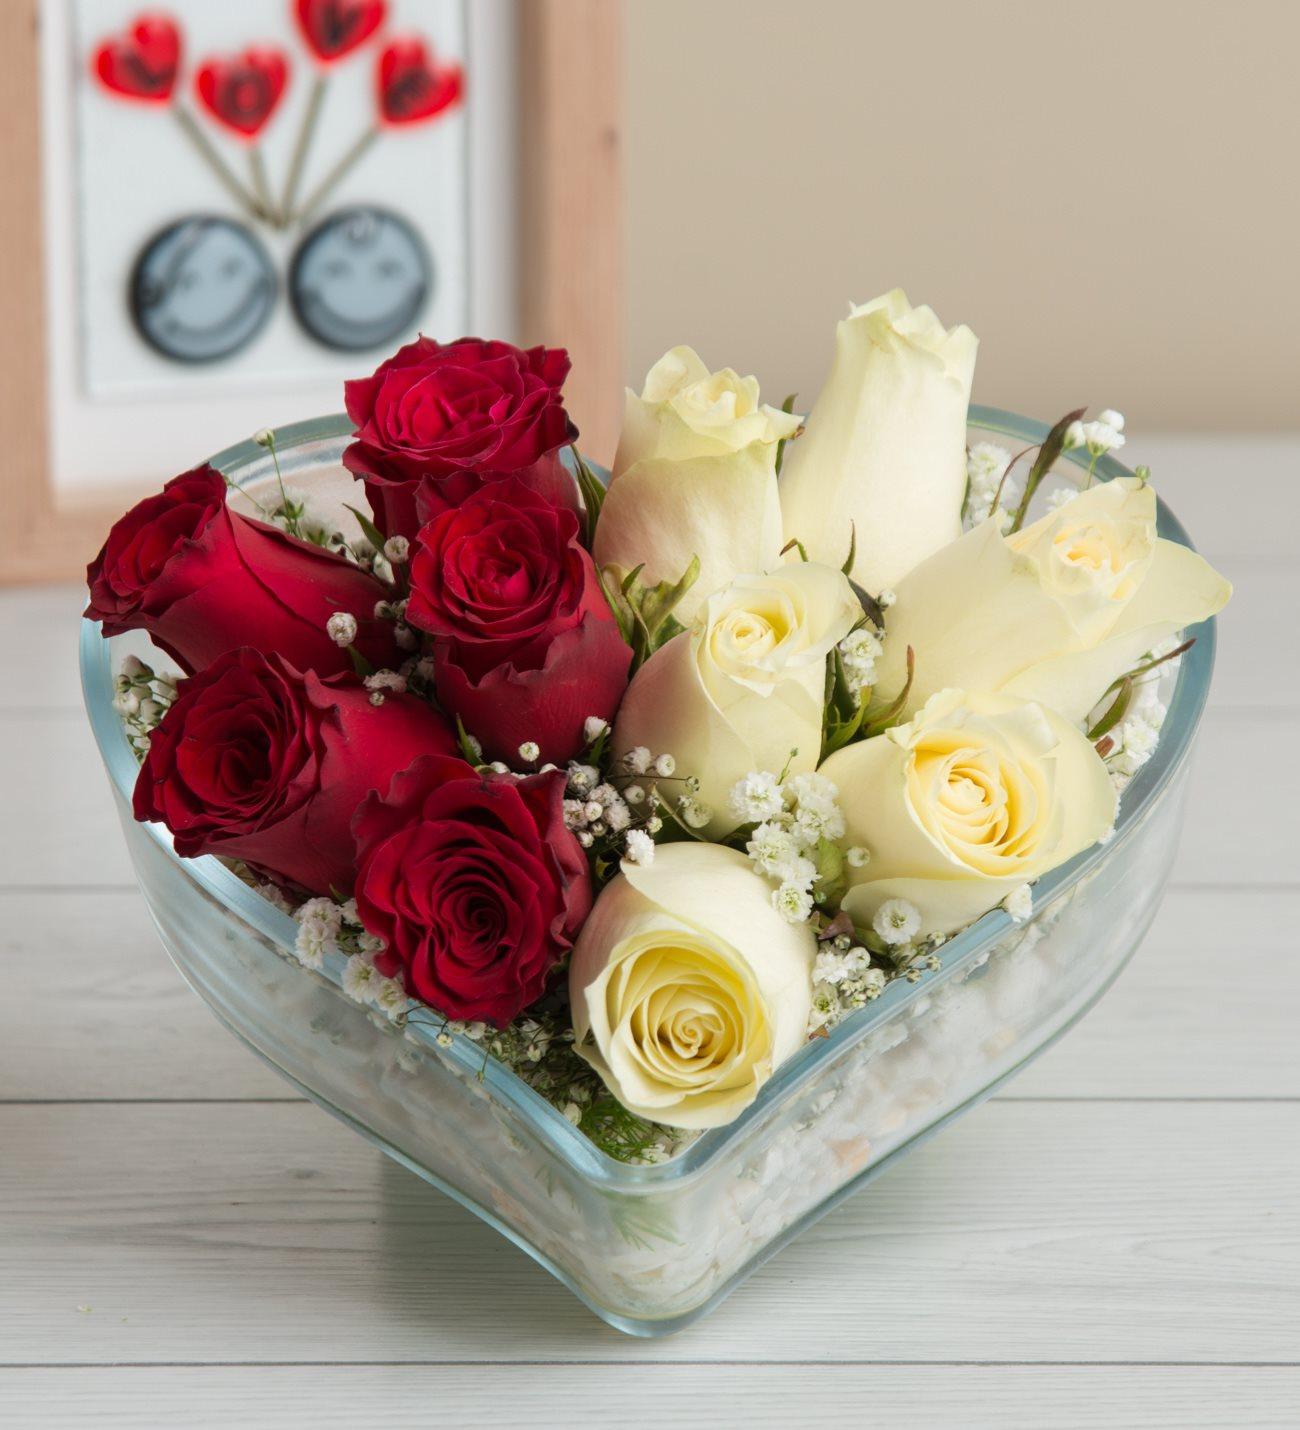 Kalp camda kırmızı ve beyaz güller